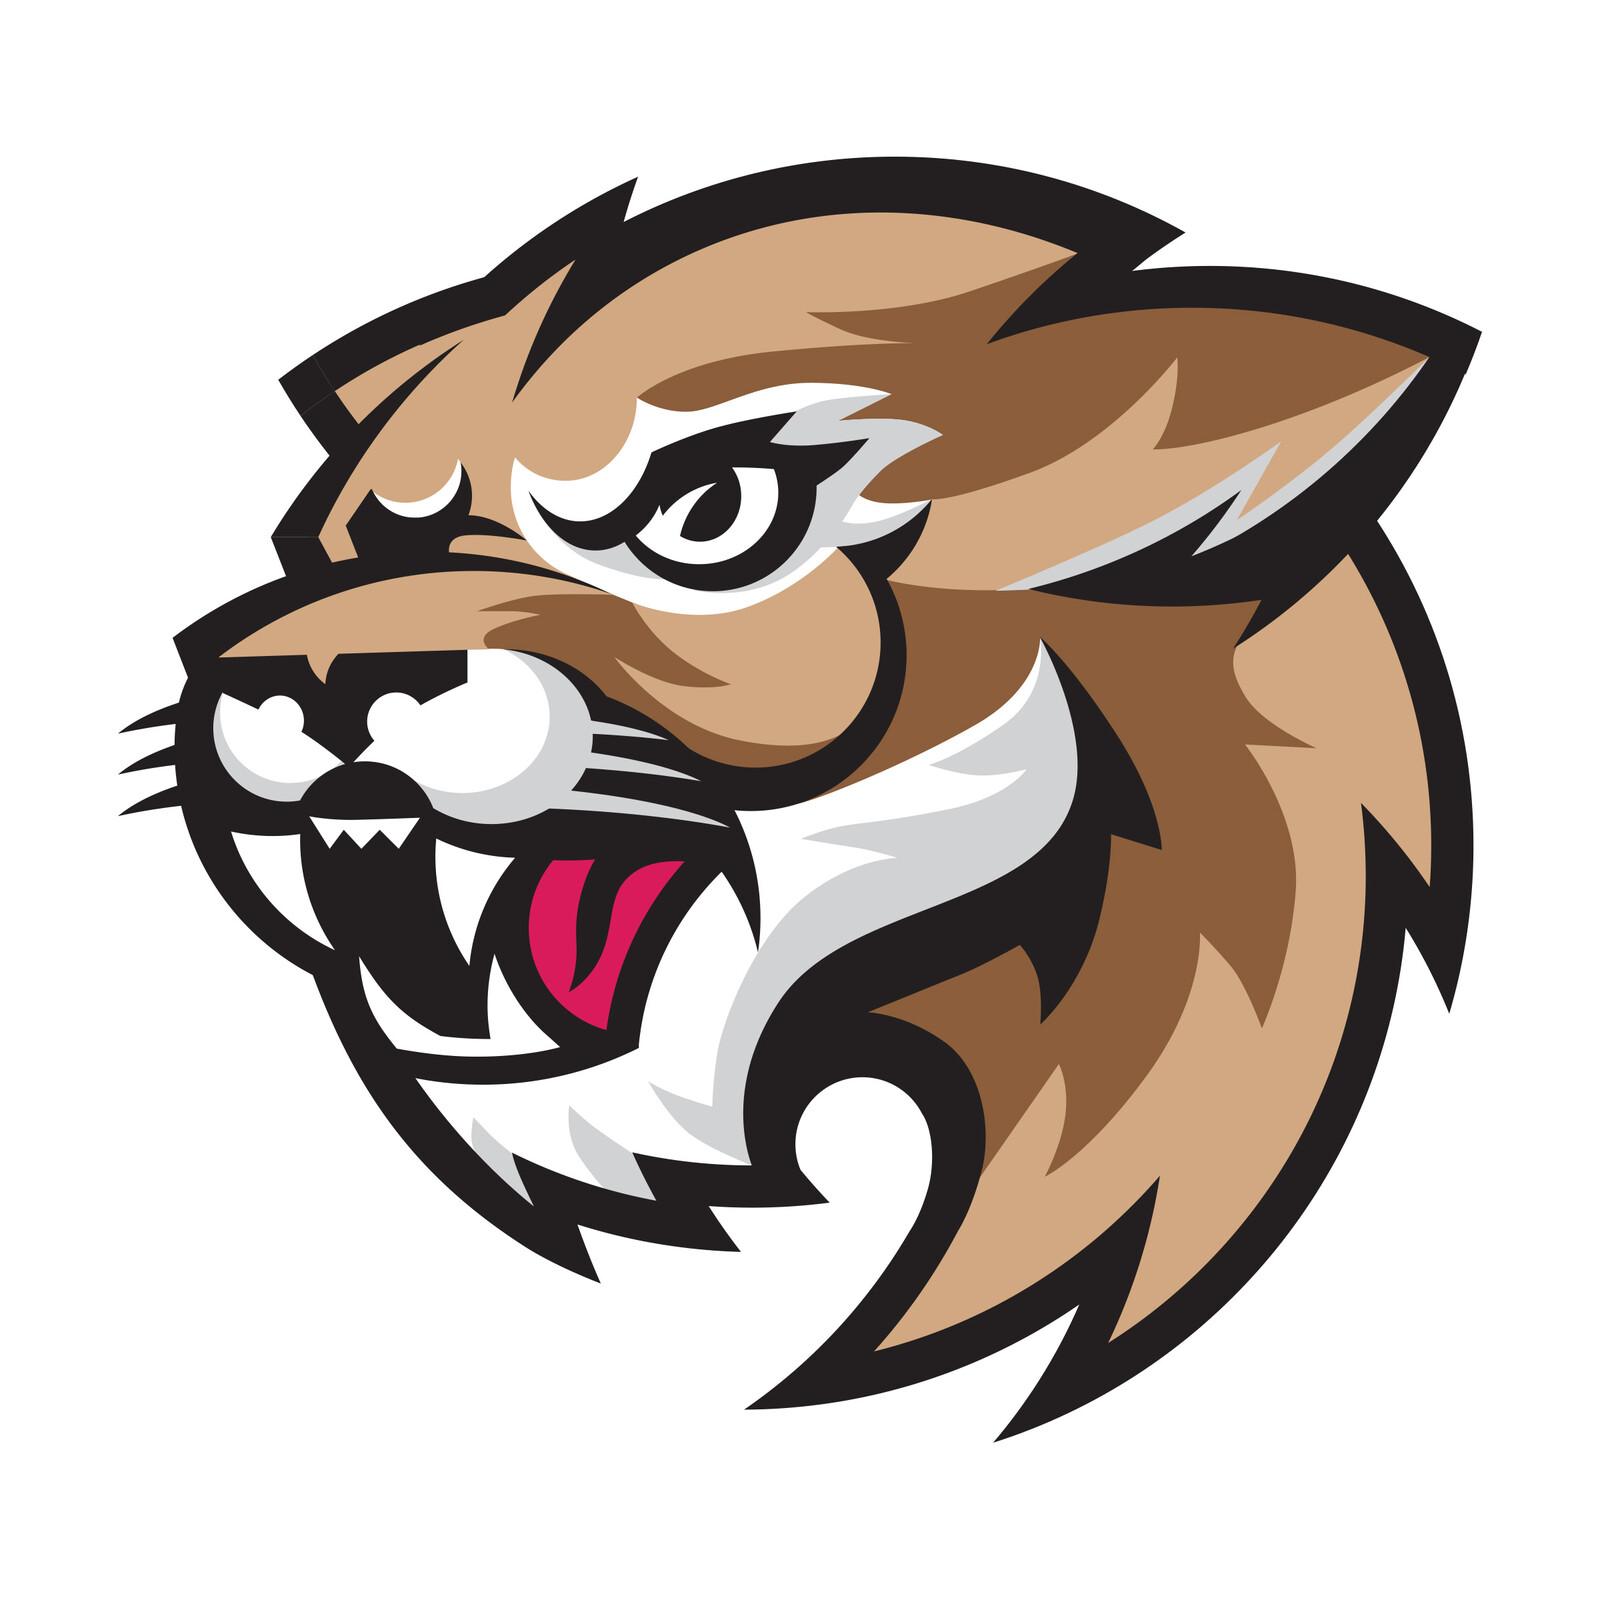 Color Cougar Emblem